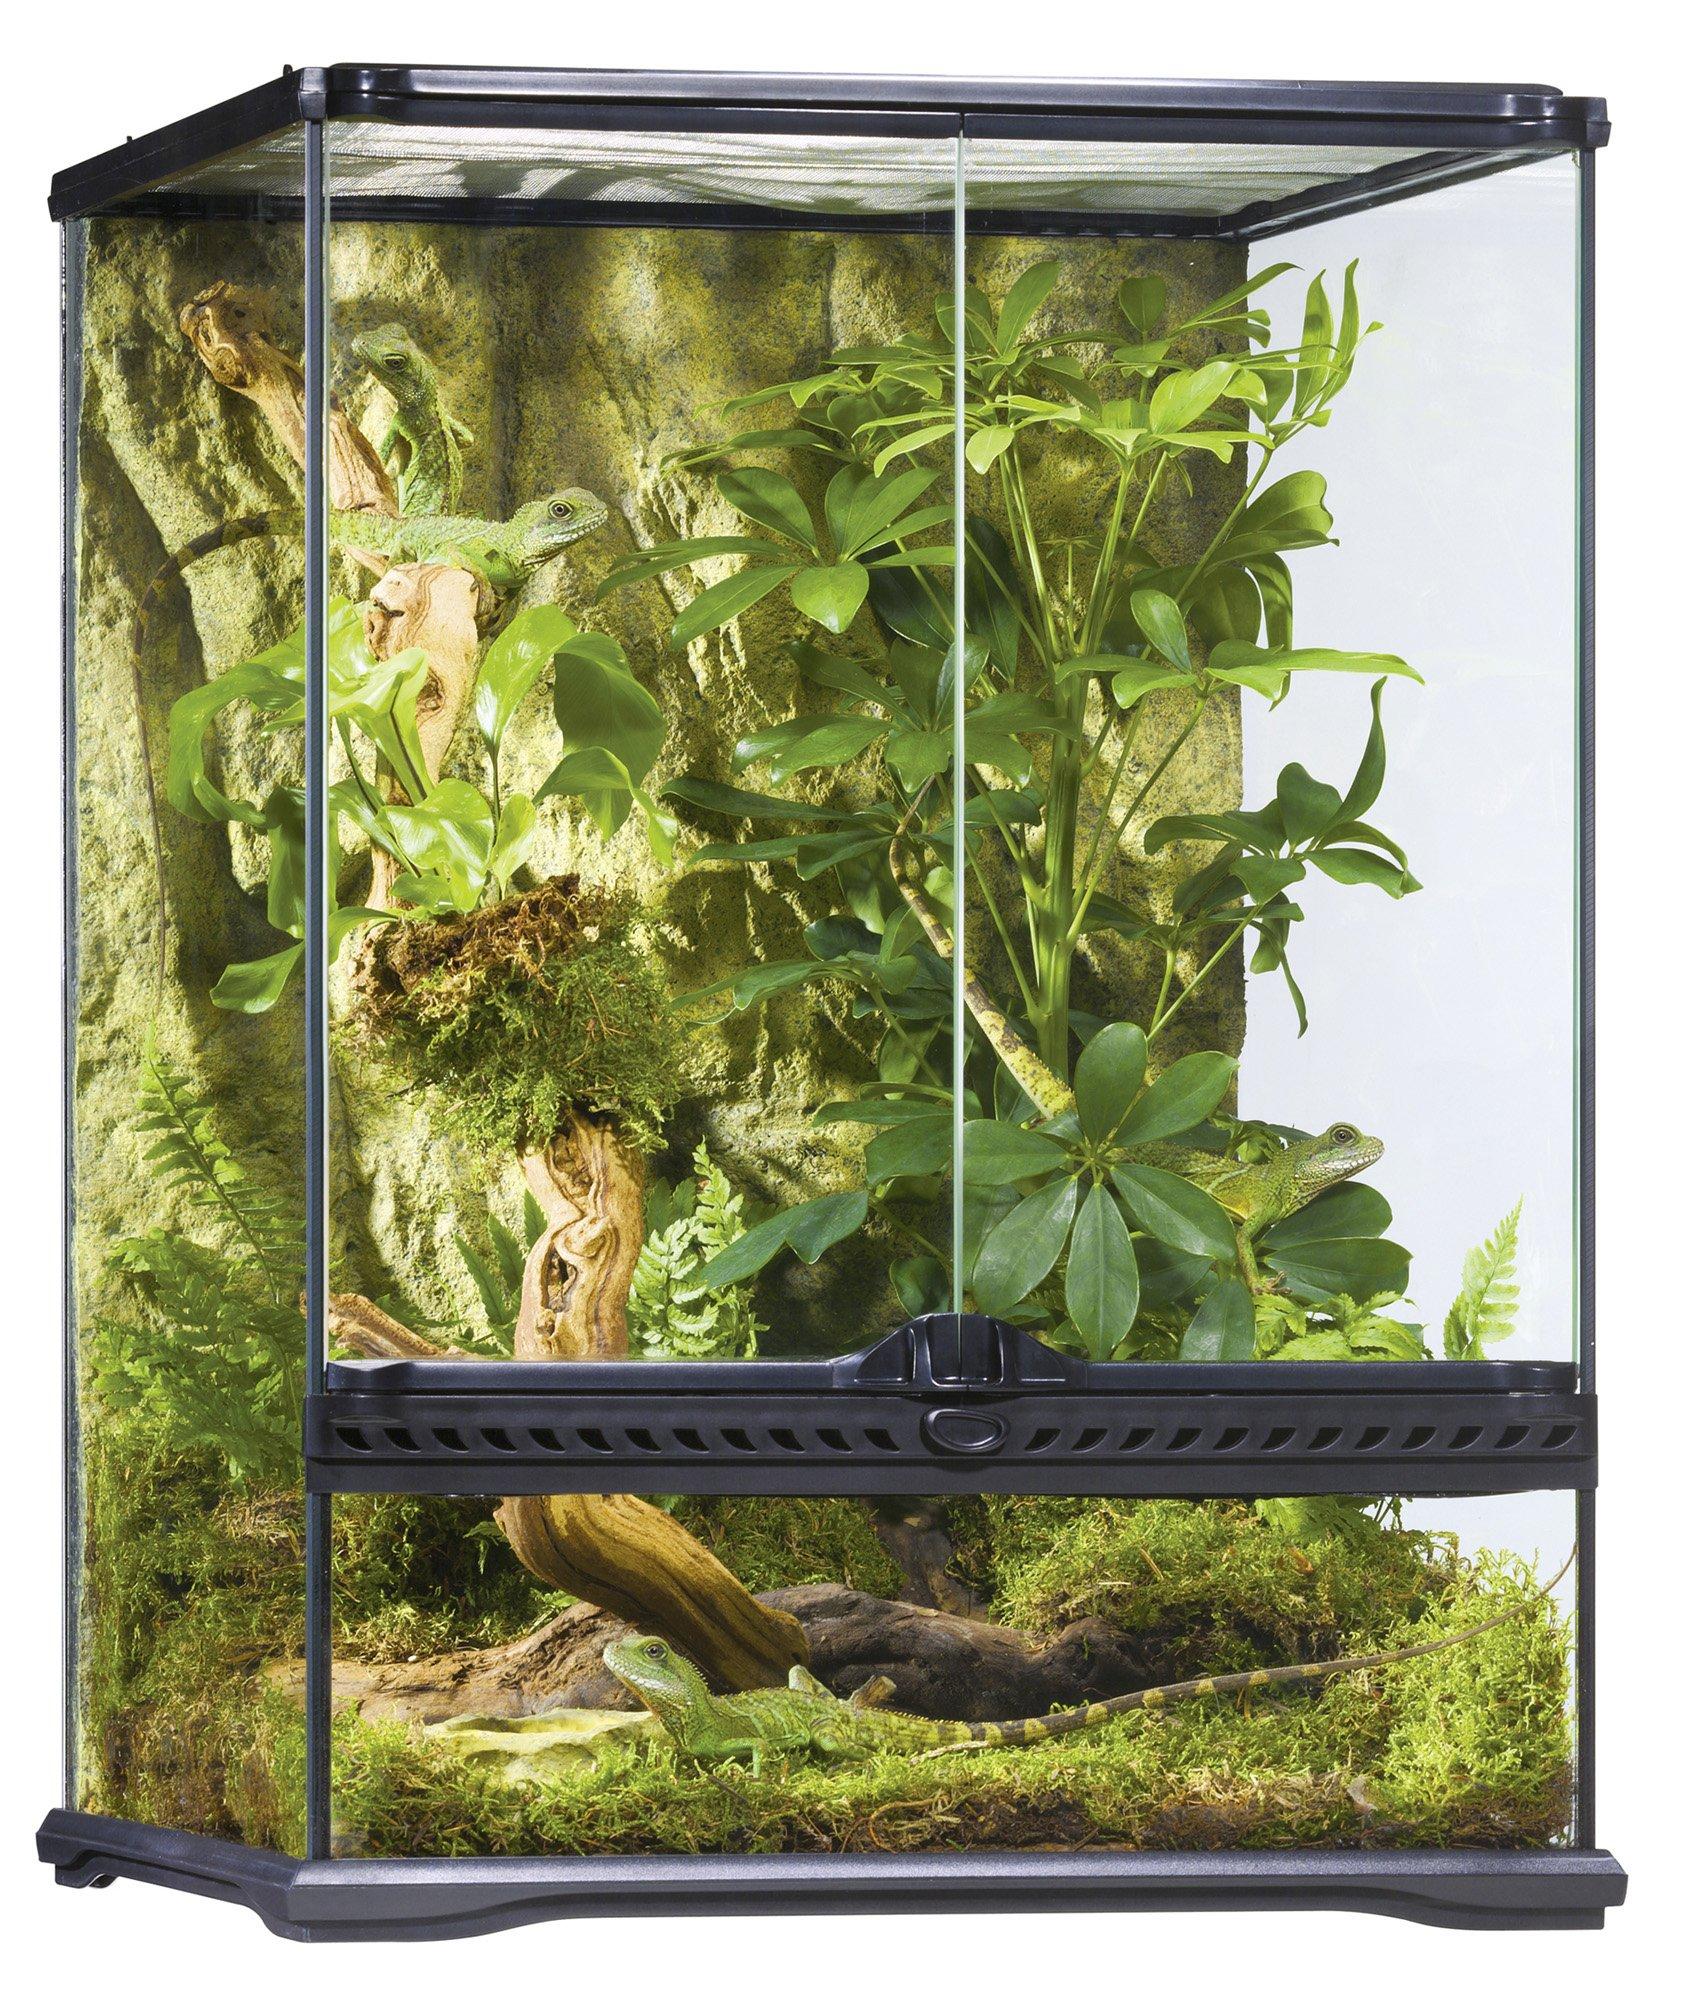 Exo Terra AllGlass Terrarium - 18 x 18 x 24 Inches by Hagen